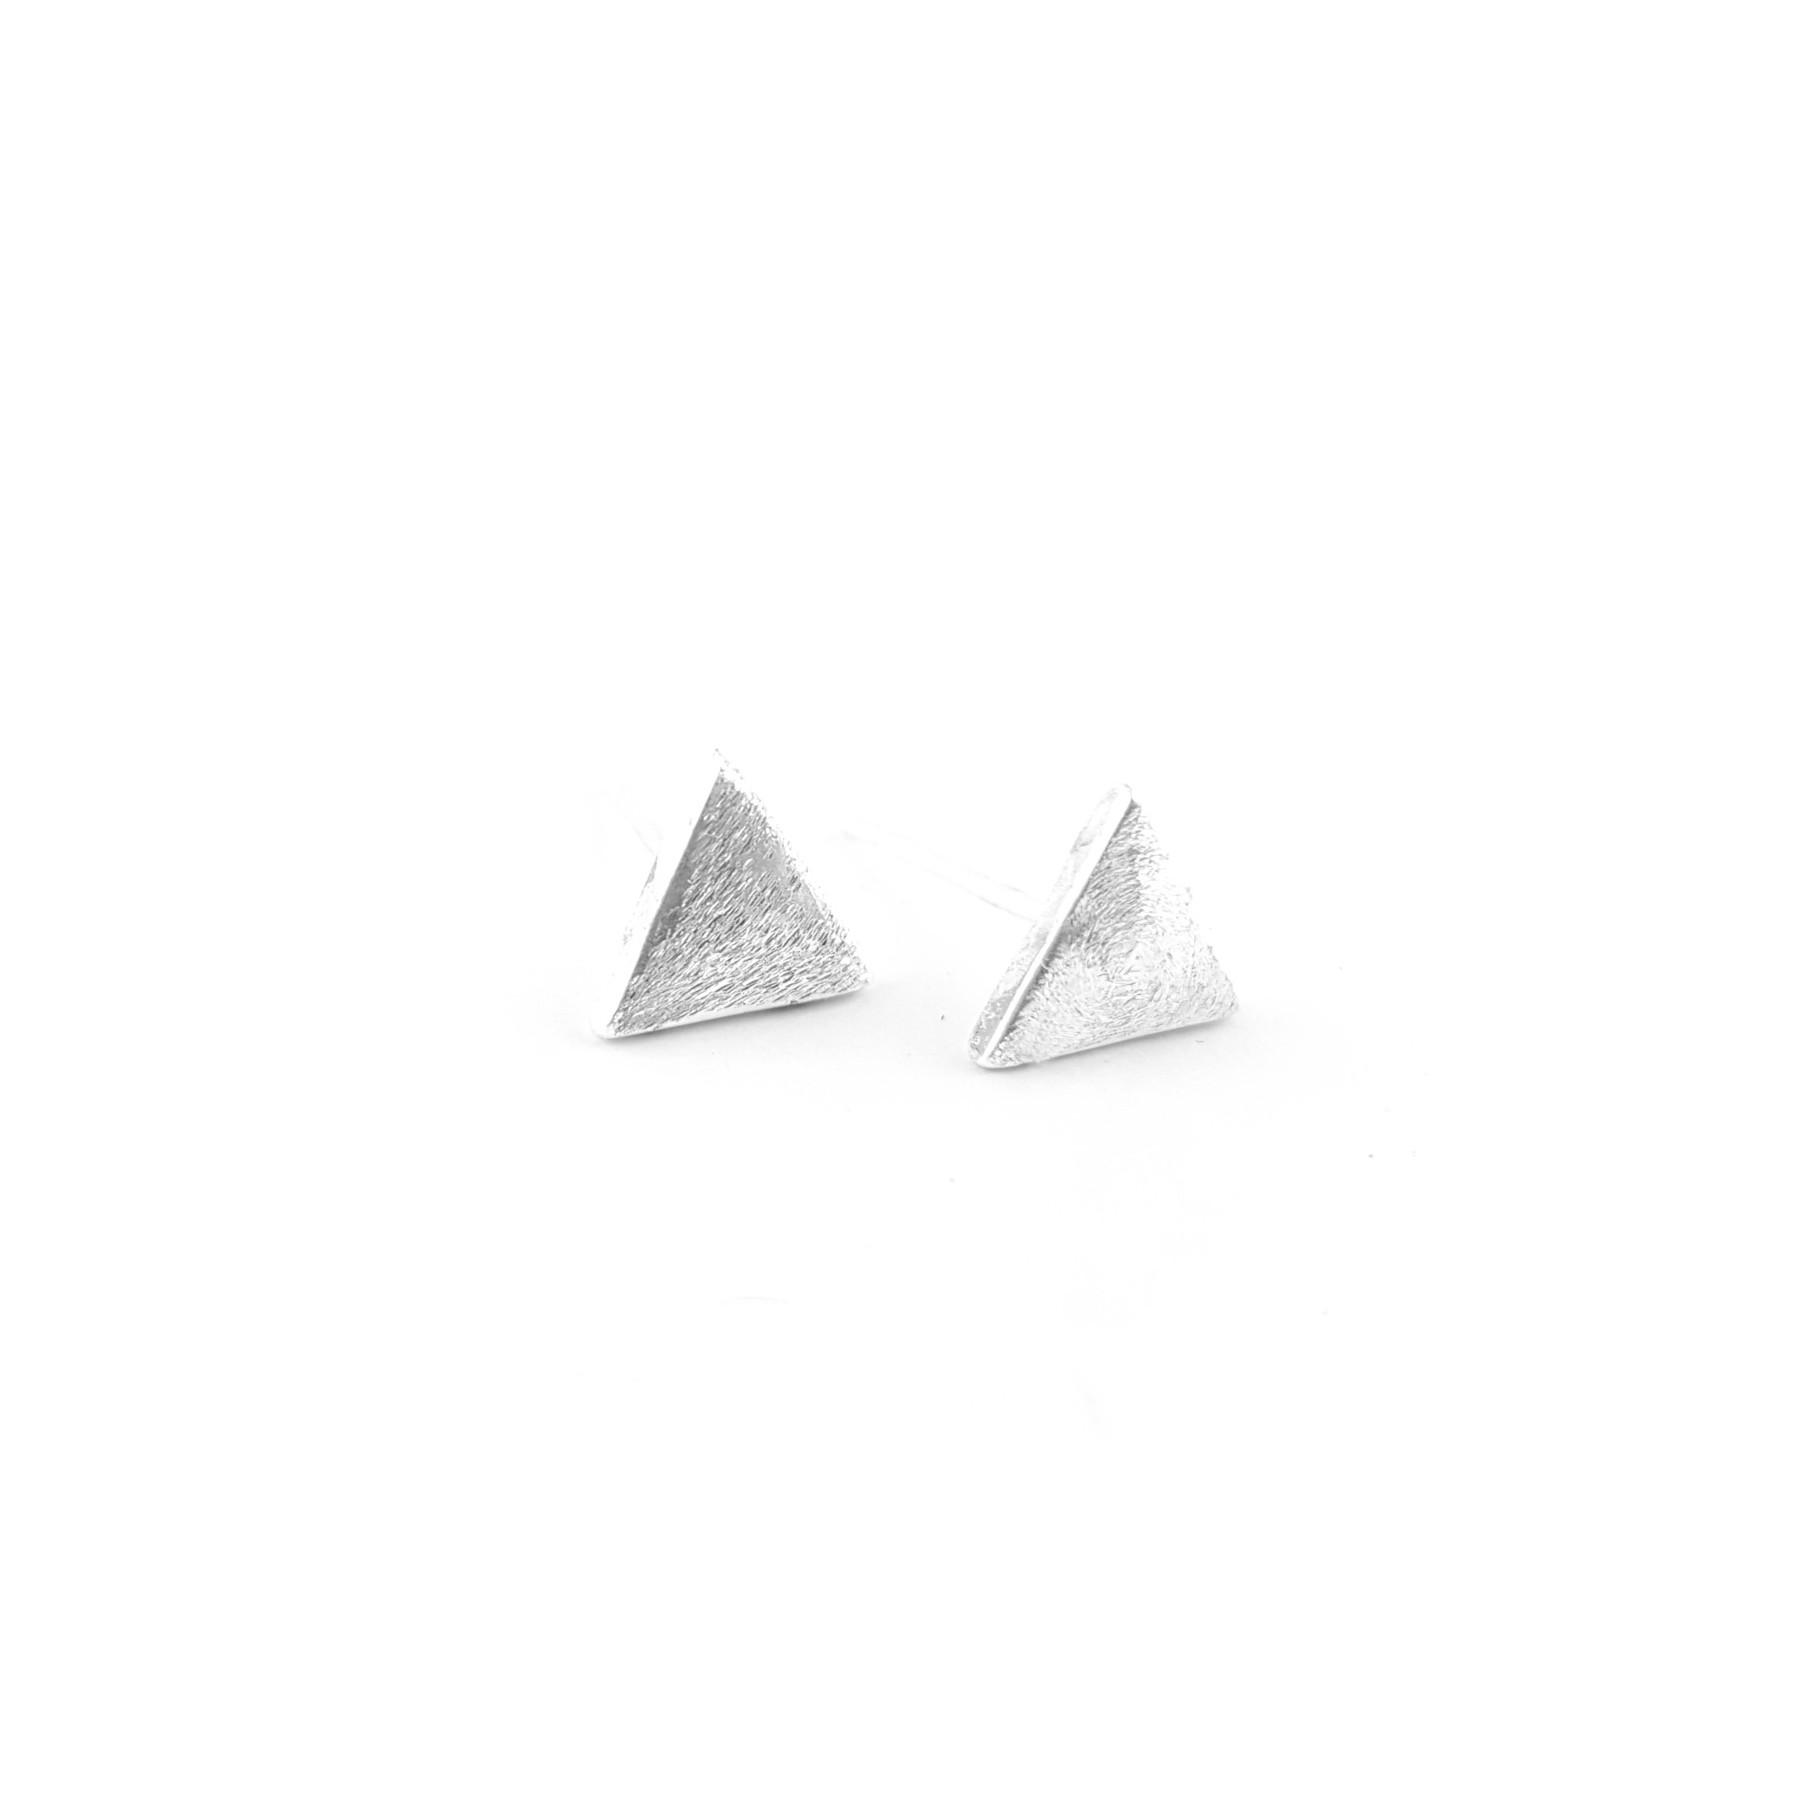 BO puces triangle 7mm argent brossé